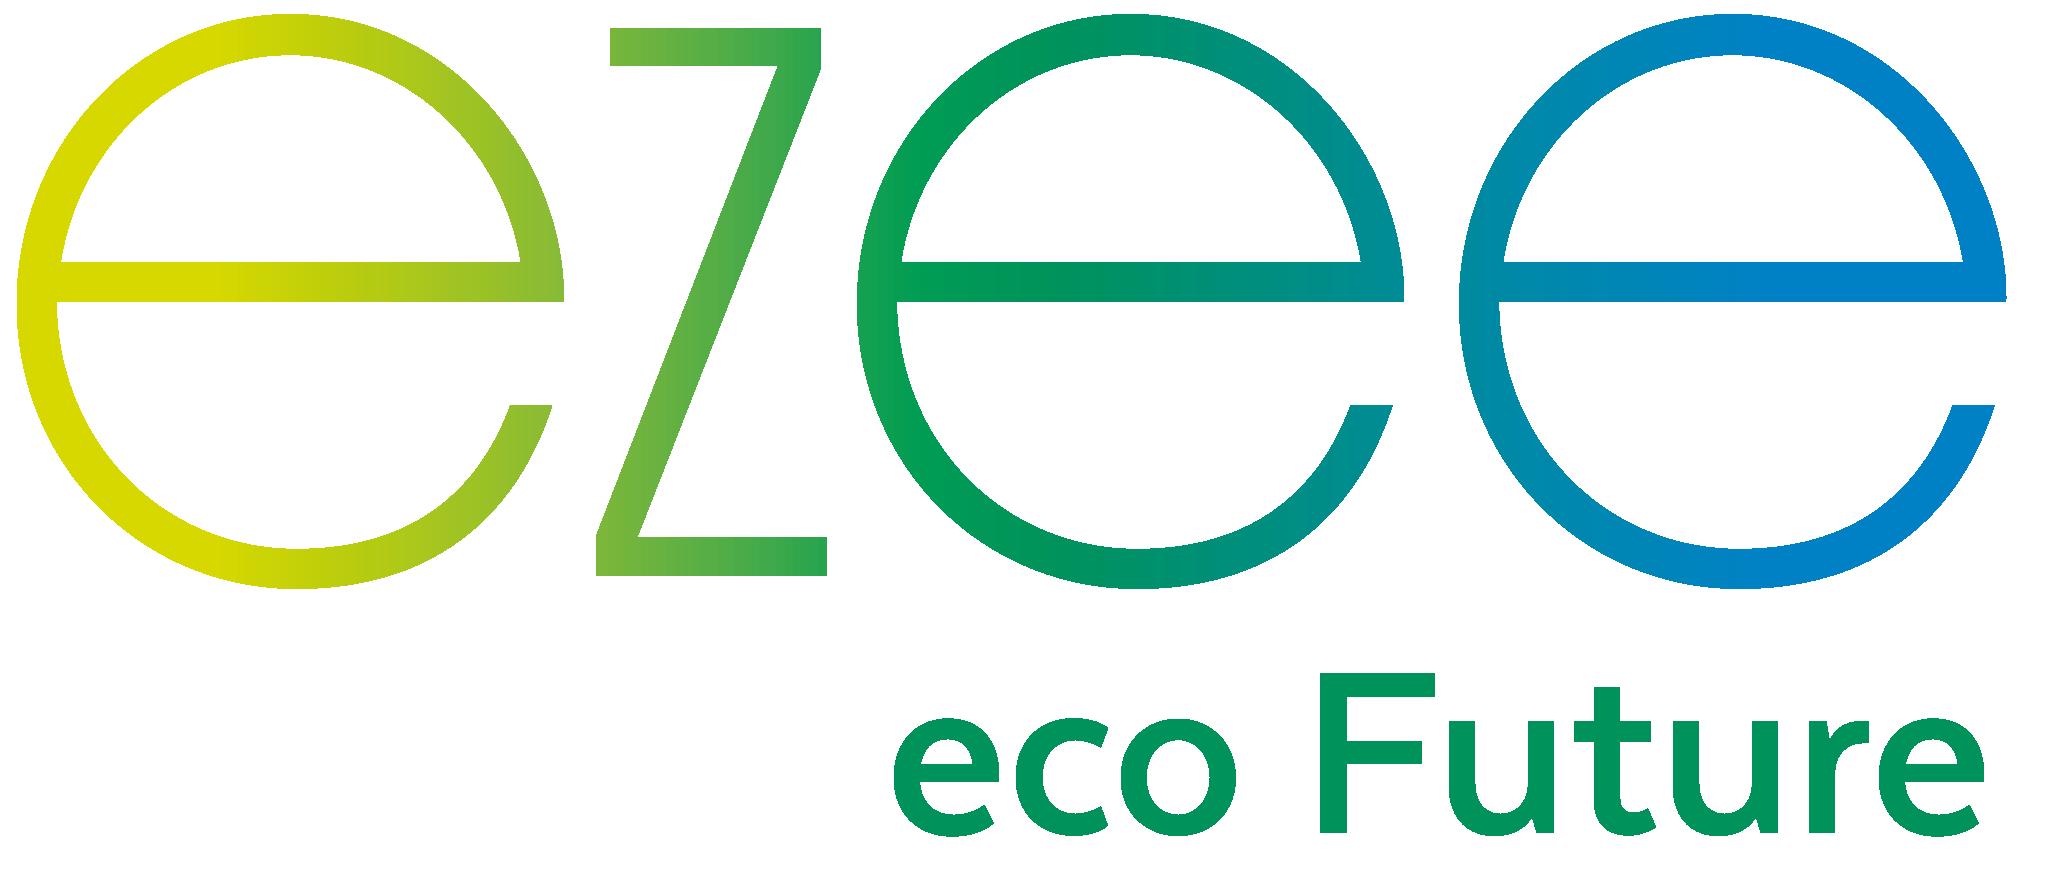 ezee GmbH